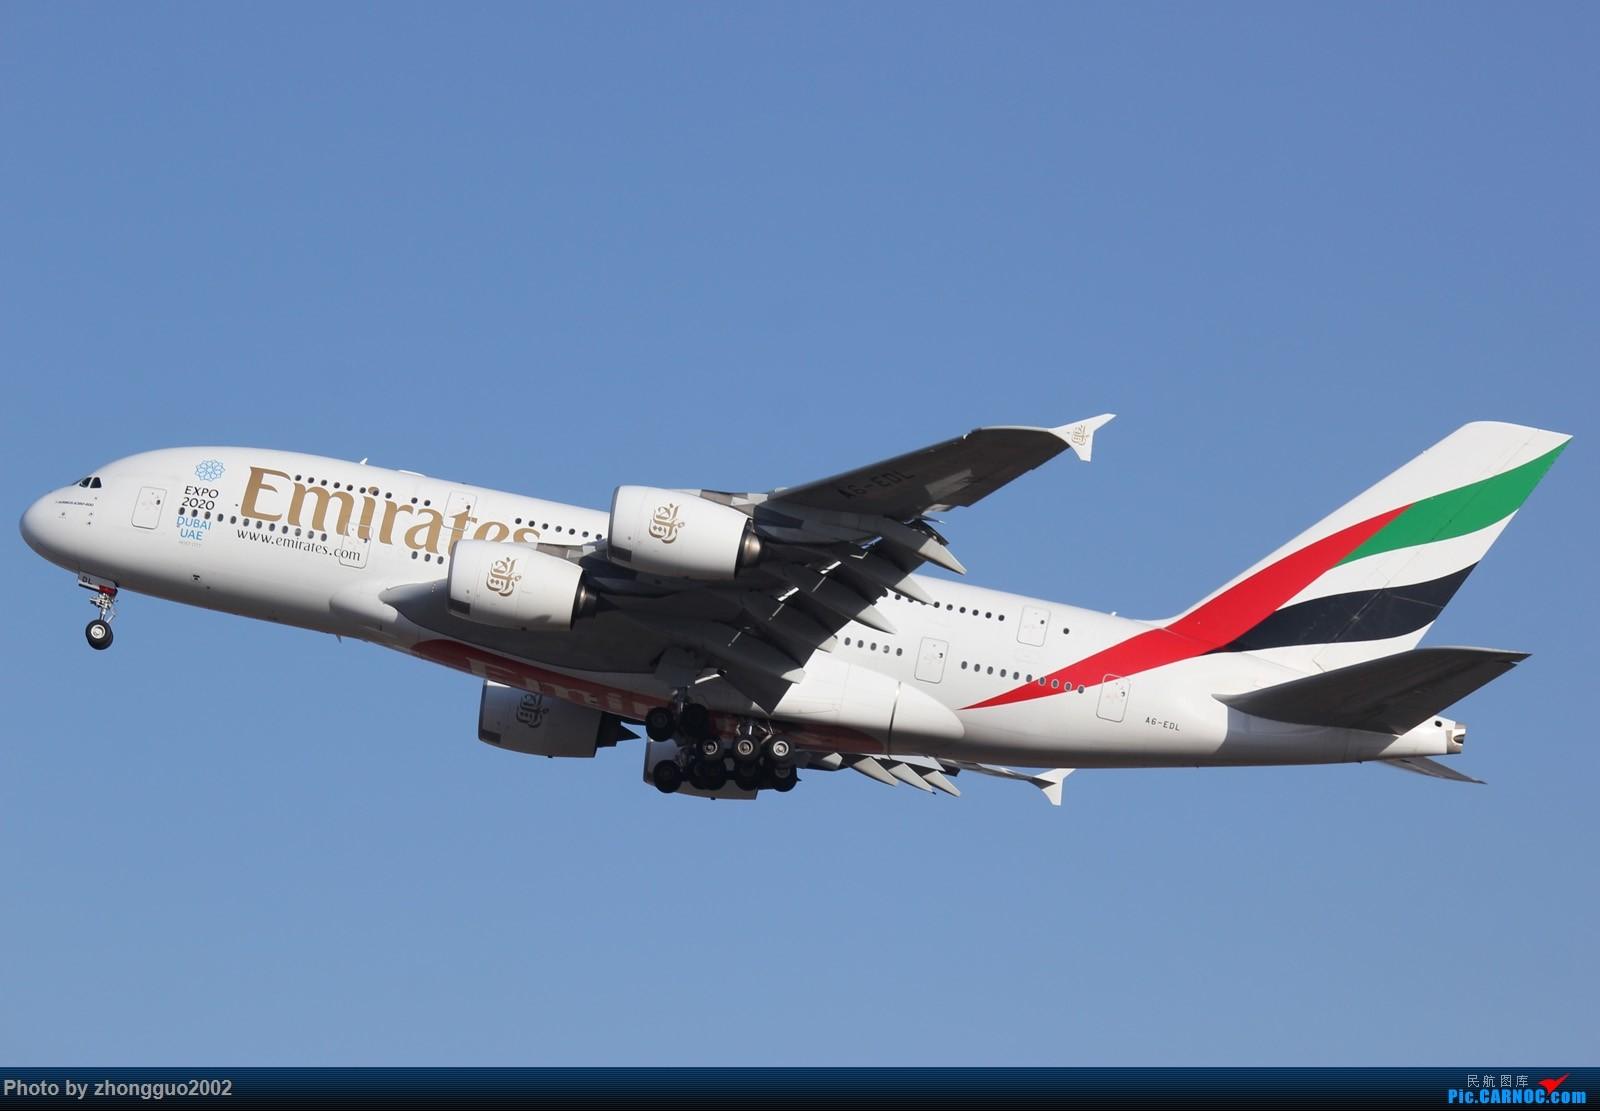 """Re:[原创]北京强劲的偏北风,把庞大的A380都""""吹""""的复飞了,我还是第一次见到,好天气再发点图吧! AIRBUS A380-800 A6-EDL 中国北京首都国际机场"""